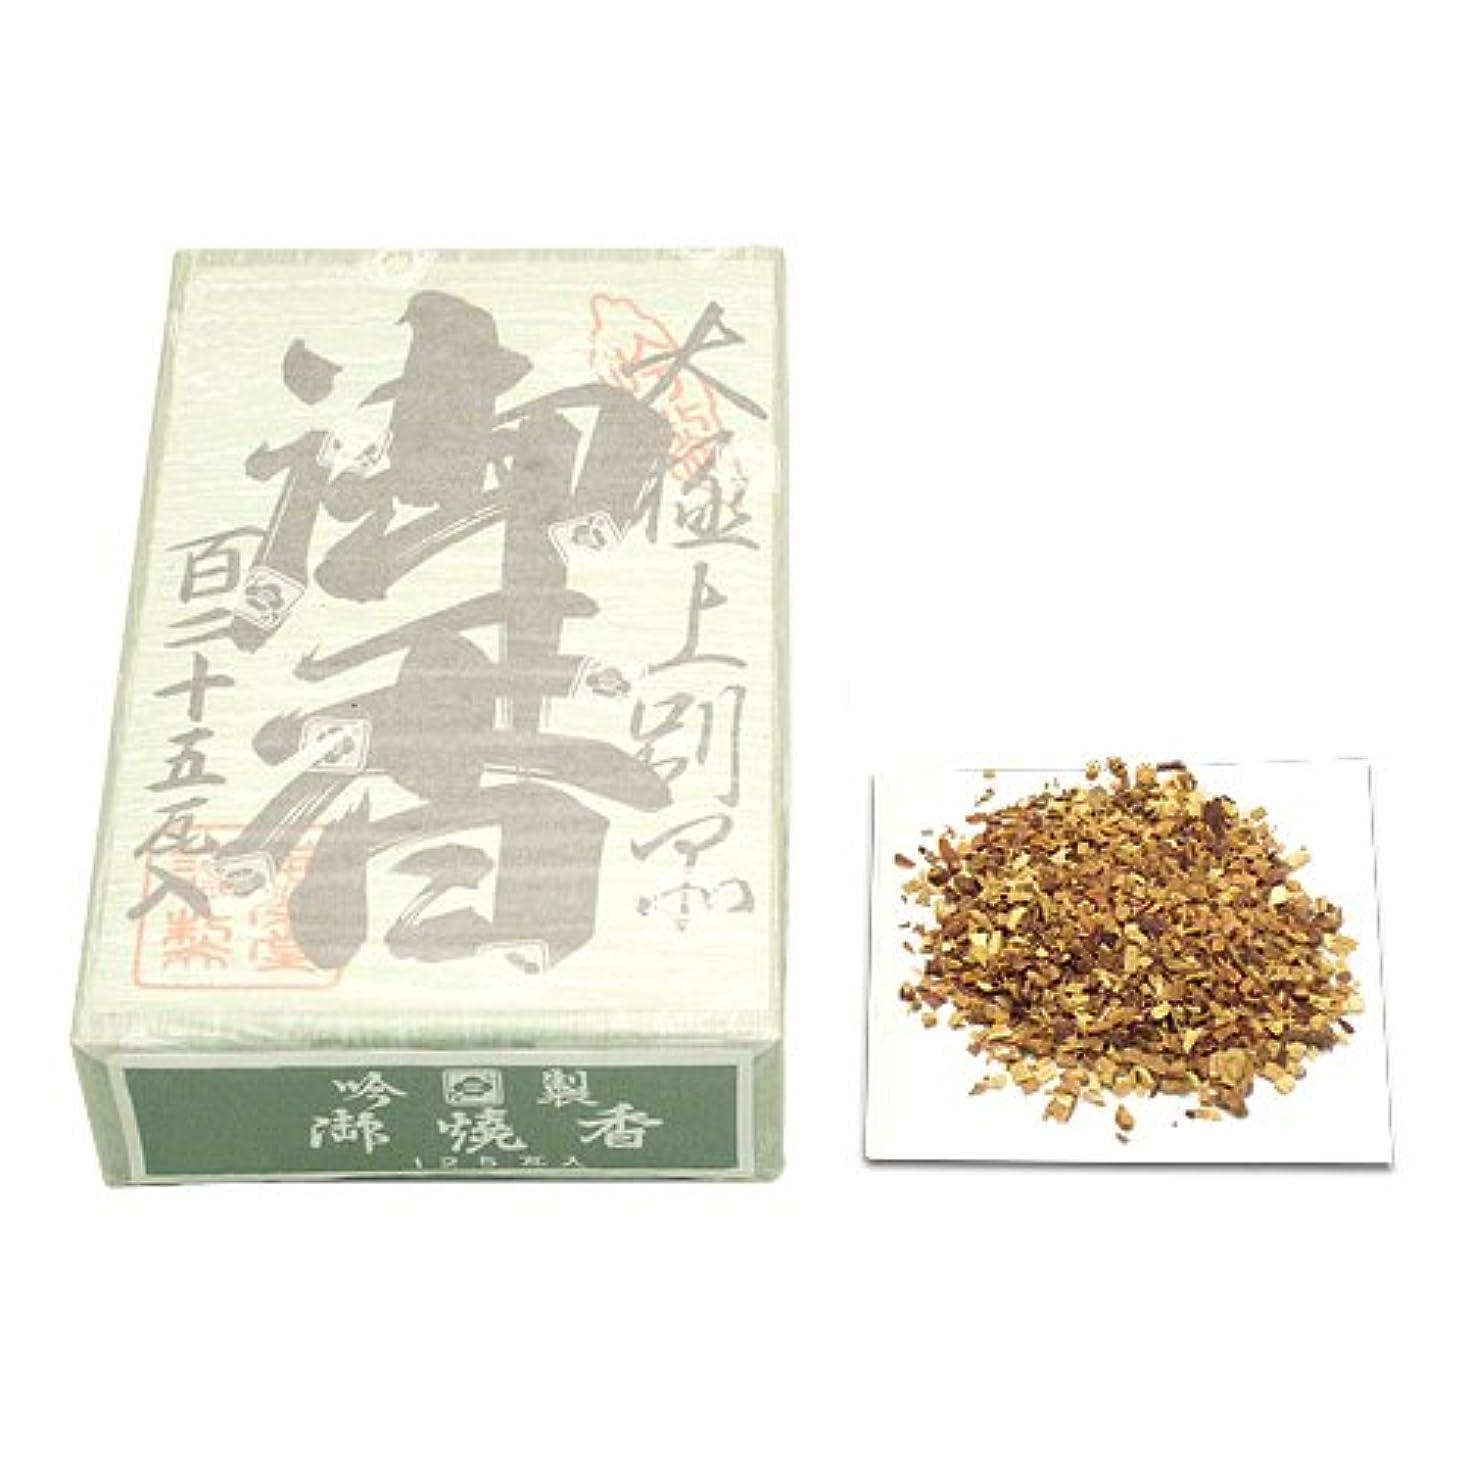 従うレーザ作成する焼香用御香 瑞薫印 125g◆お焼香用の御香